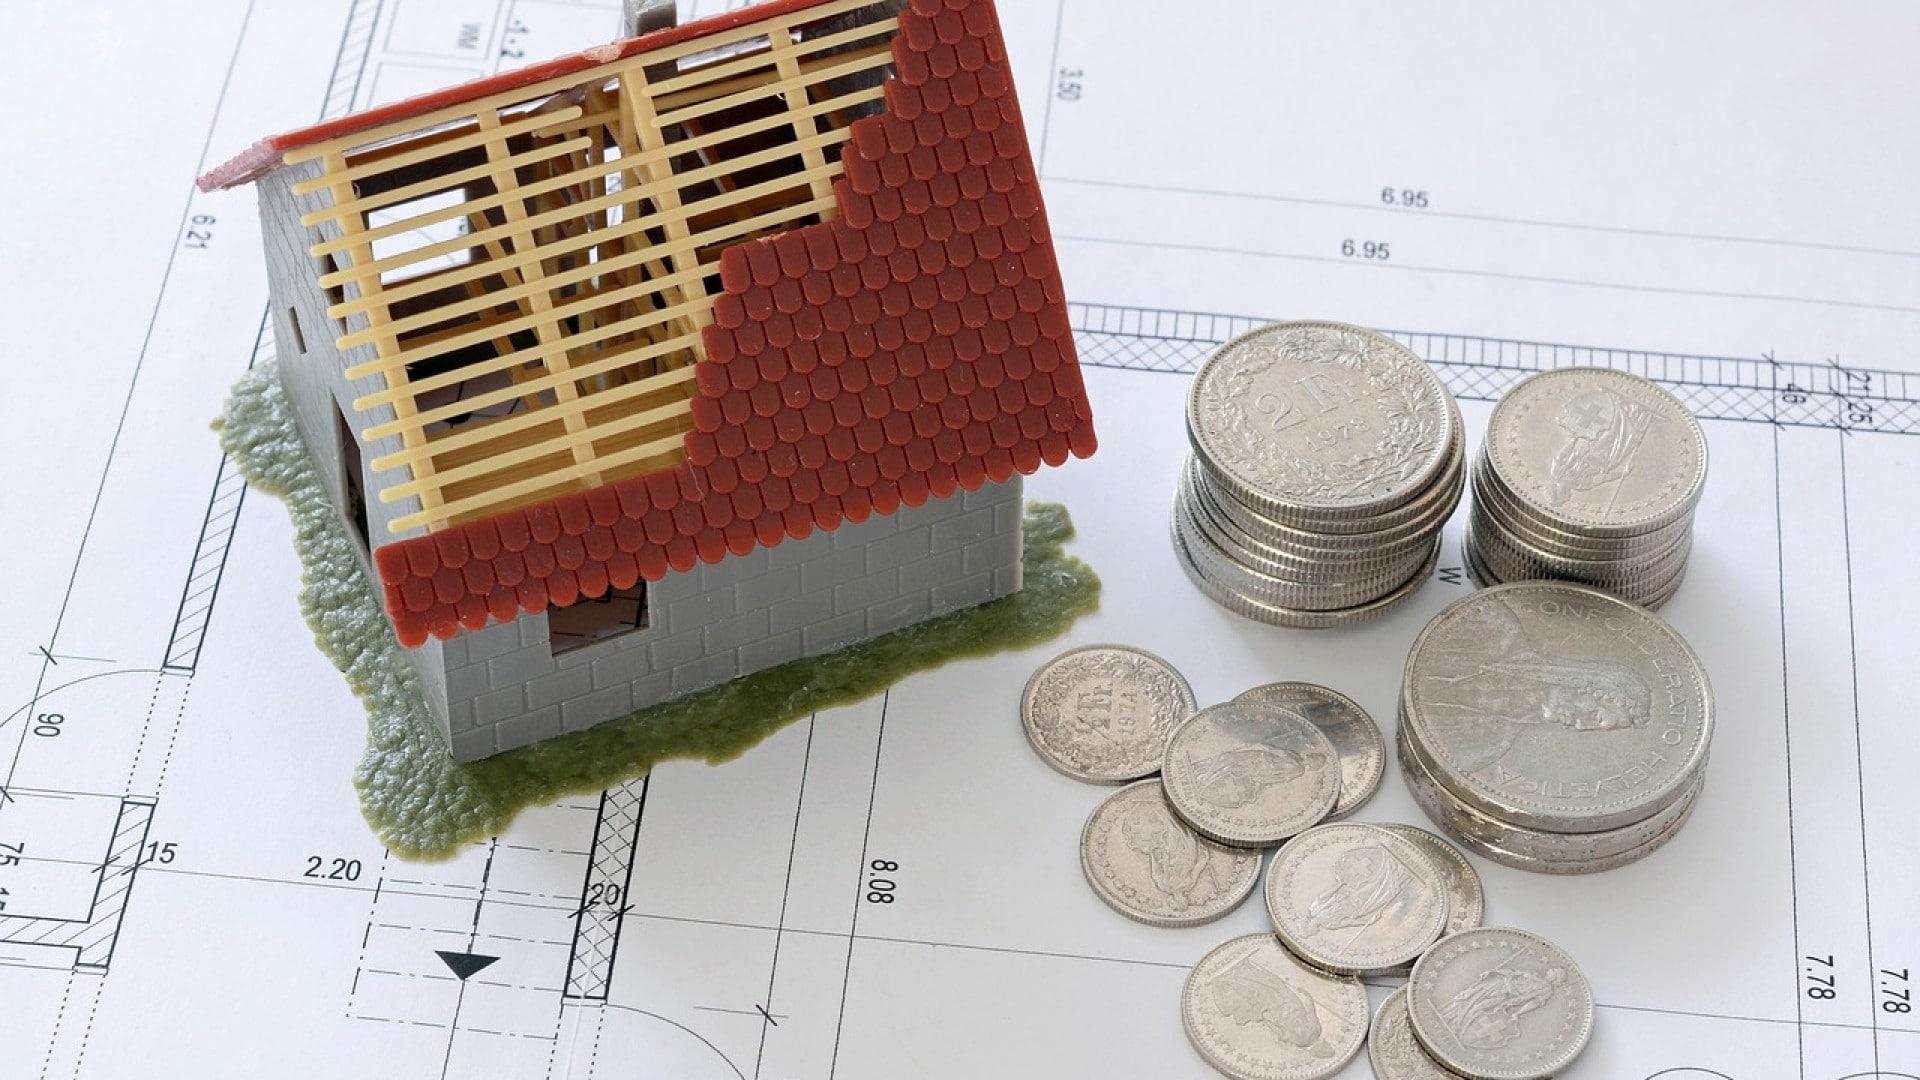 Pourquoi consulter des blogs sur les plans d'épargne en actions ?